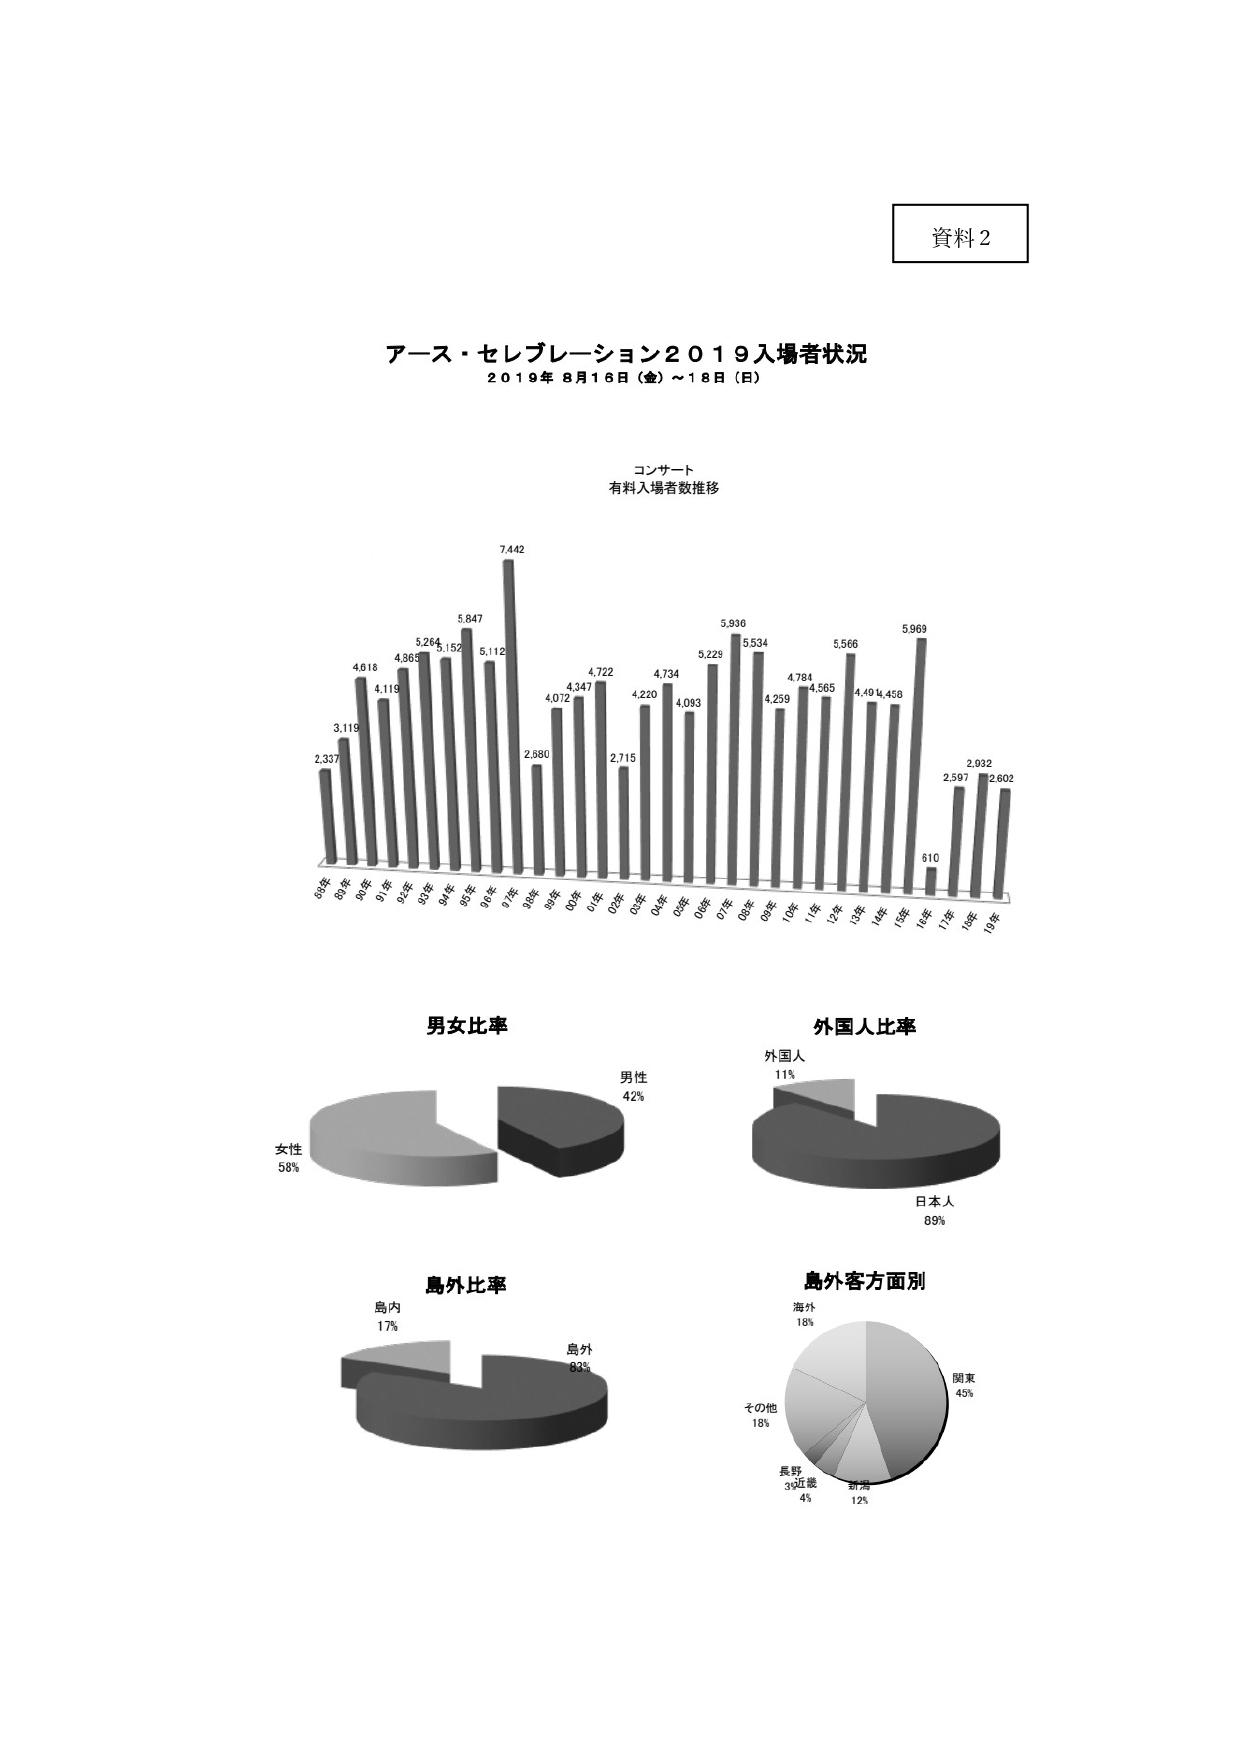 2_%e5%8d%92%e7%a0%94%e8%b3%872-%e3%82%b0%e3%83%a9%e3%83%95_page-0001